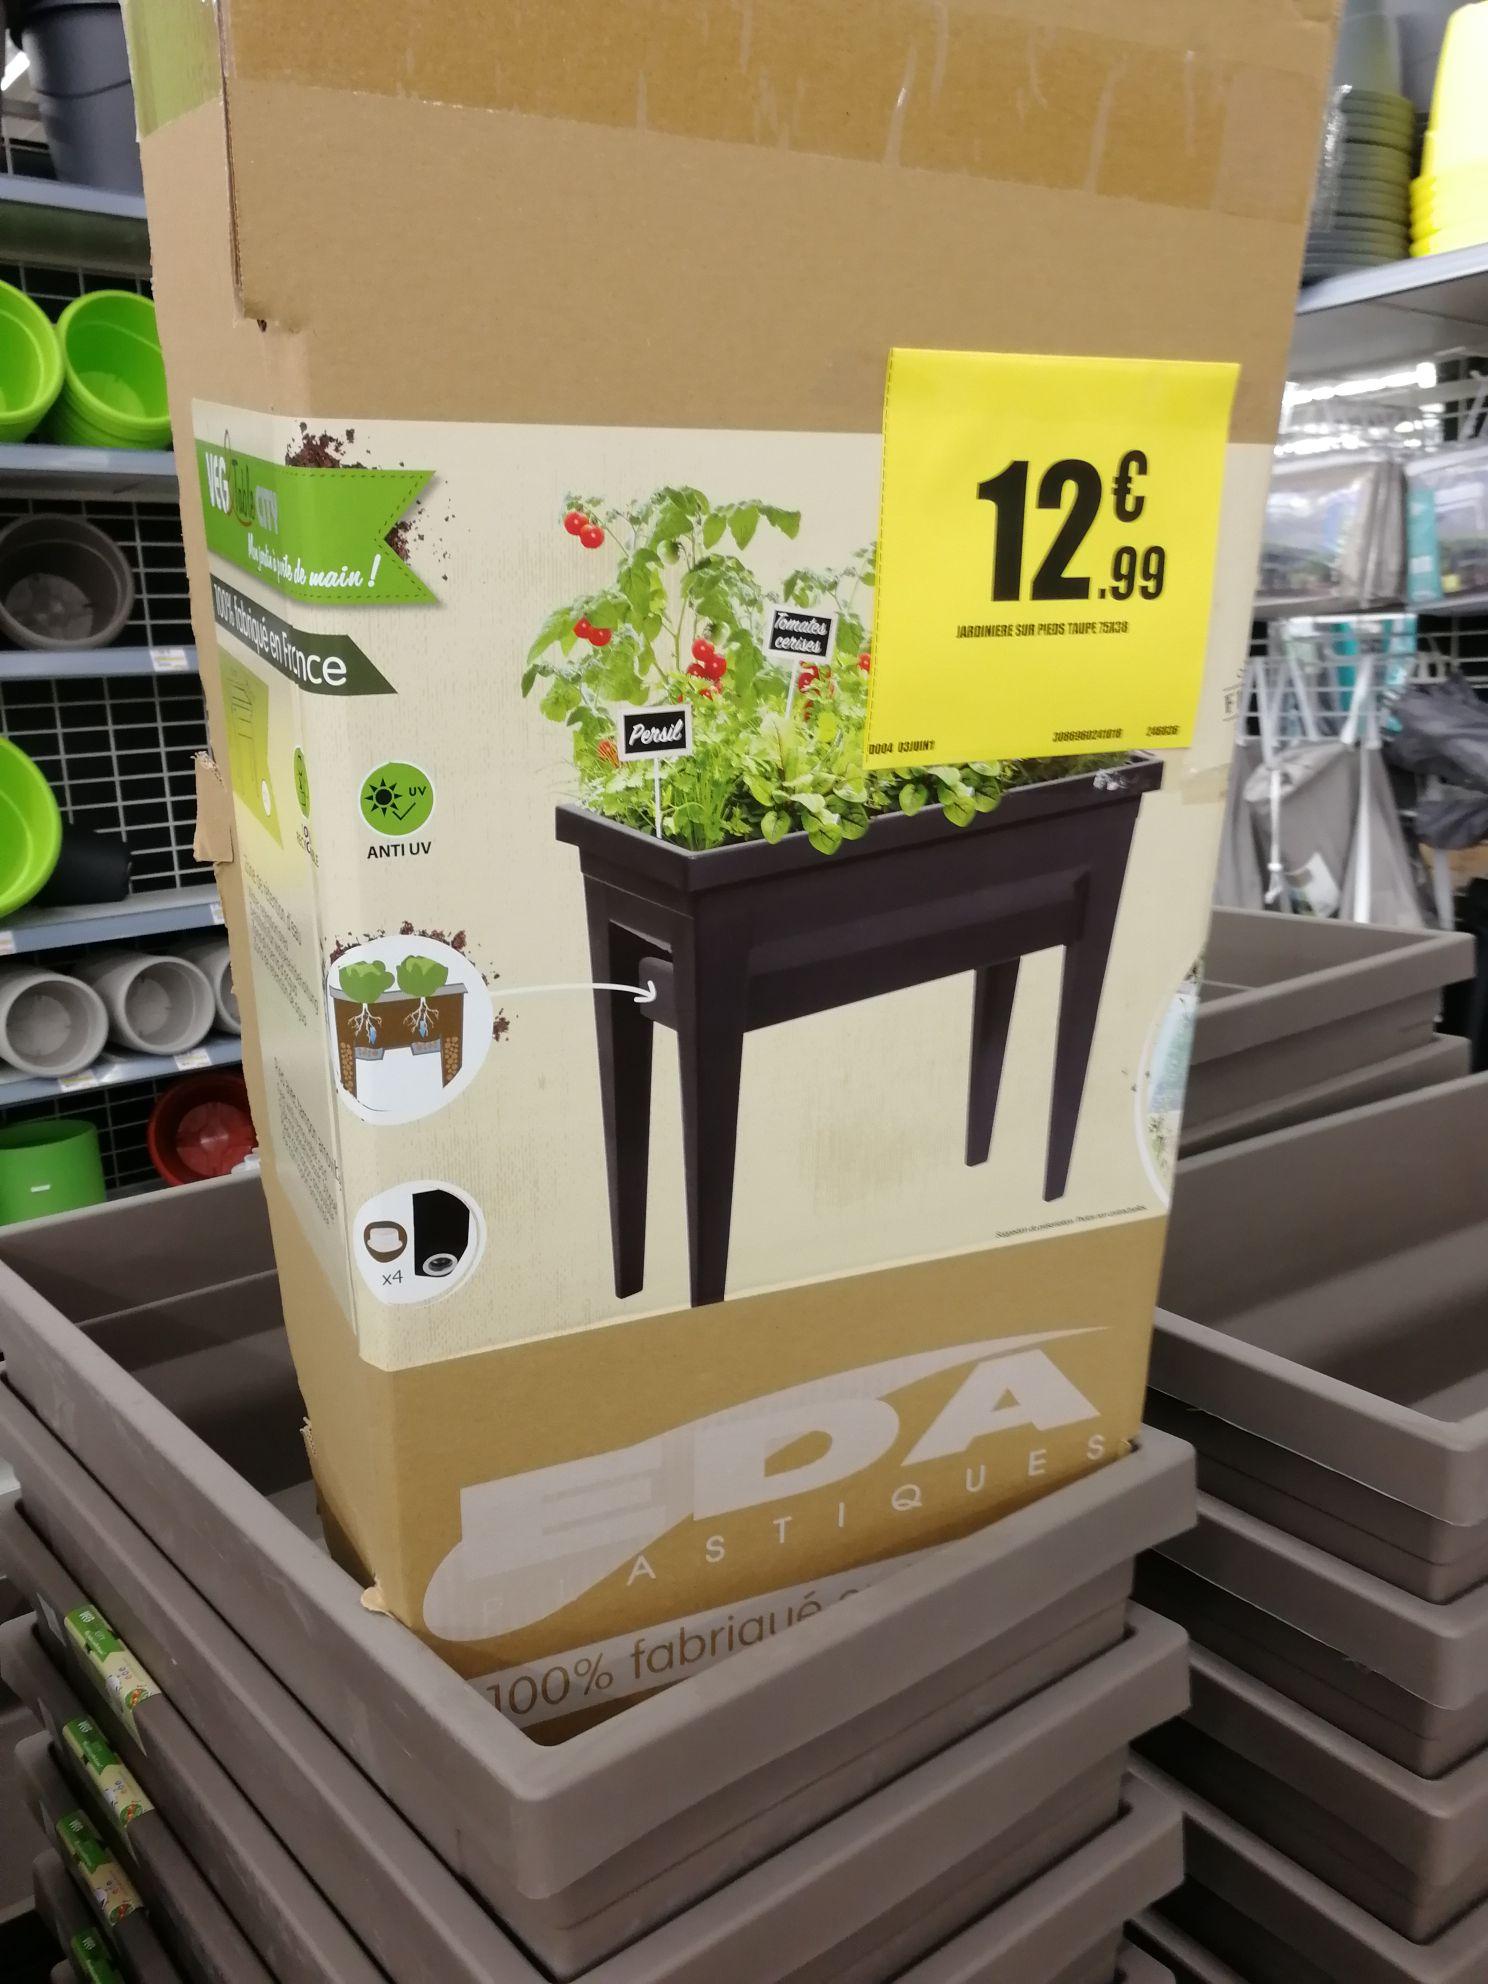 Jardiniere potager sur pied Eda ou coffre de rangement jardin /Bon de réduction de 10€ des 20€ d'achat hors promo  - Dammarie-les-Lys (77)